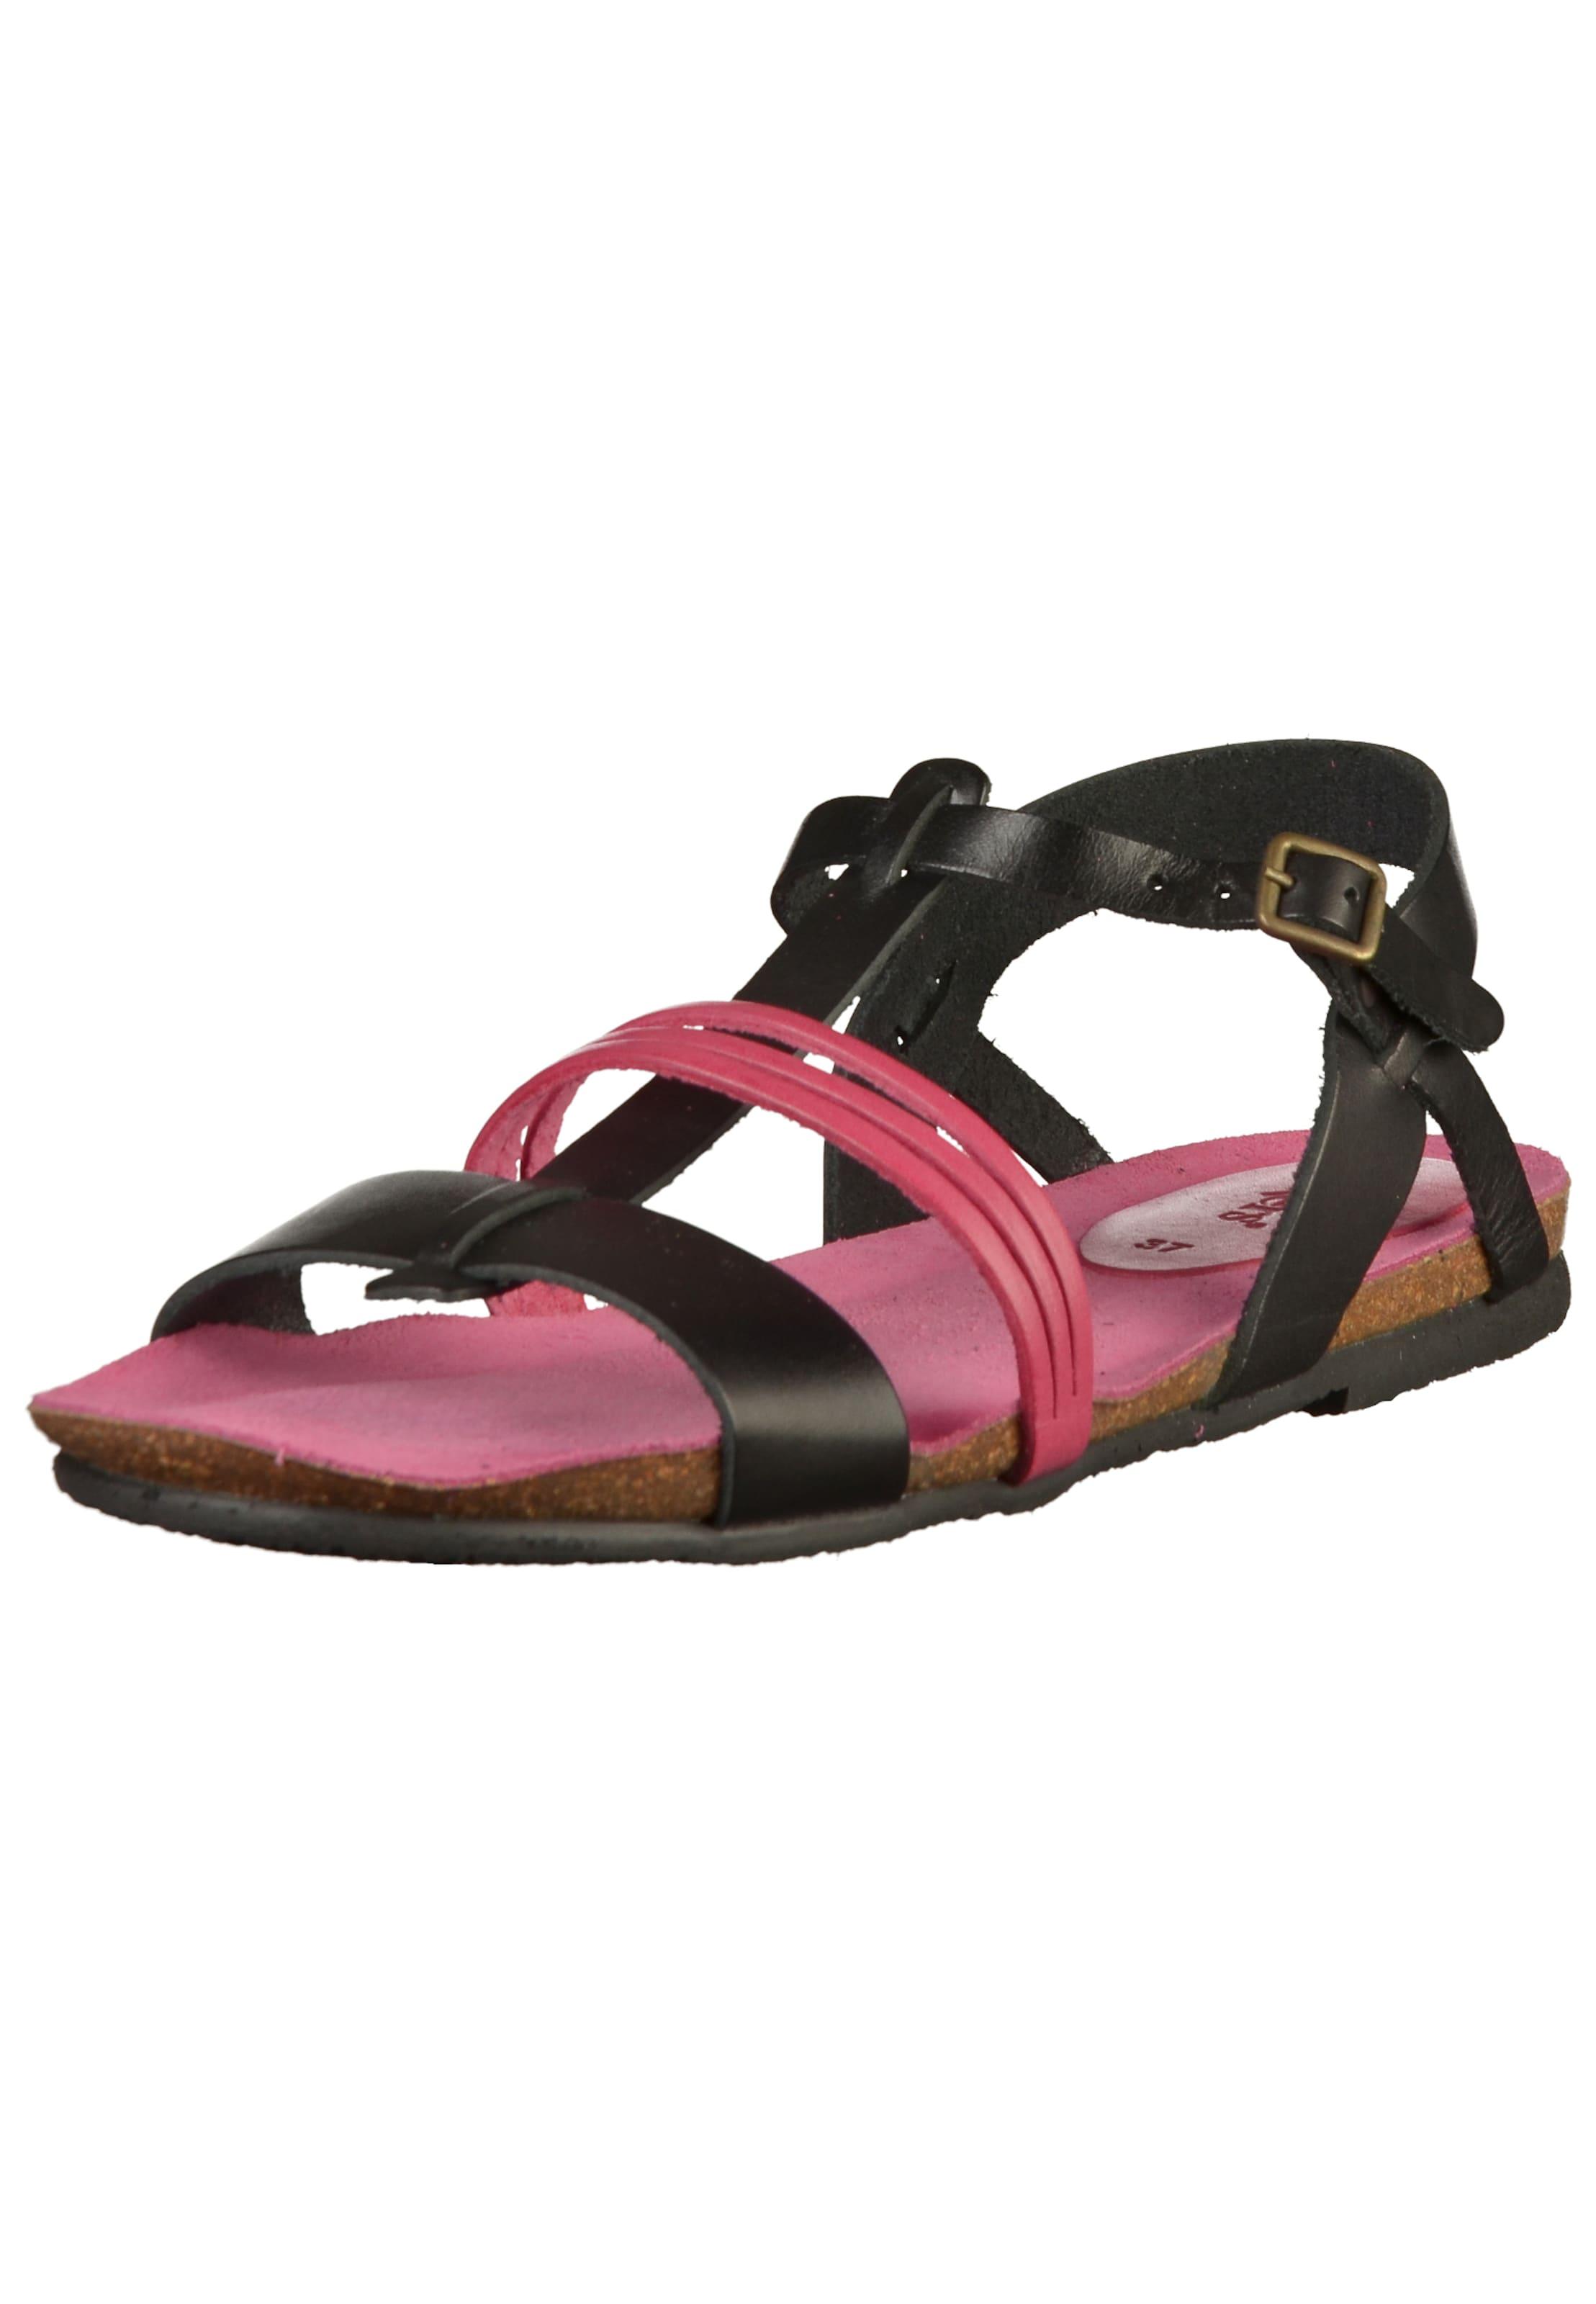 KICKERS Sandalen Verschleißfeste billige Schuhe Hohe Qualität